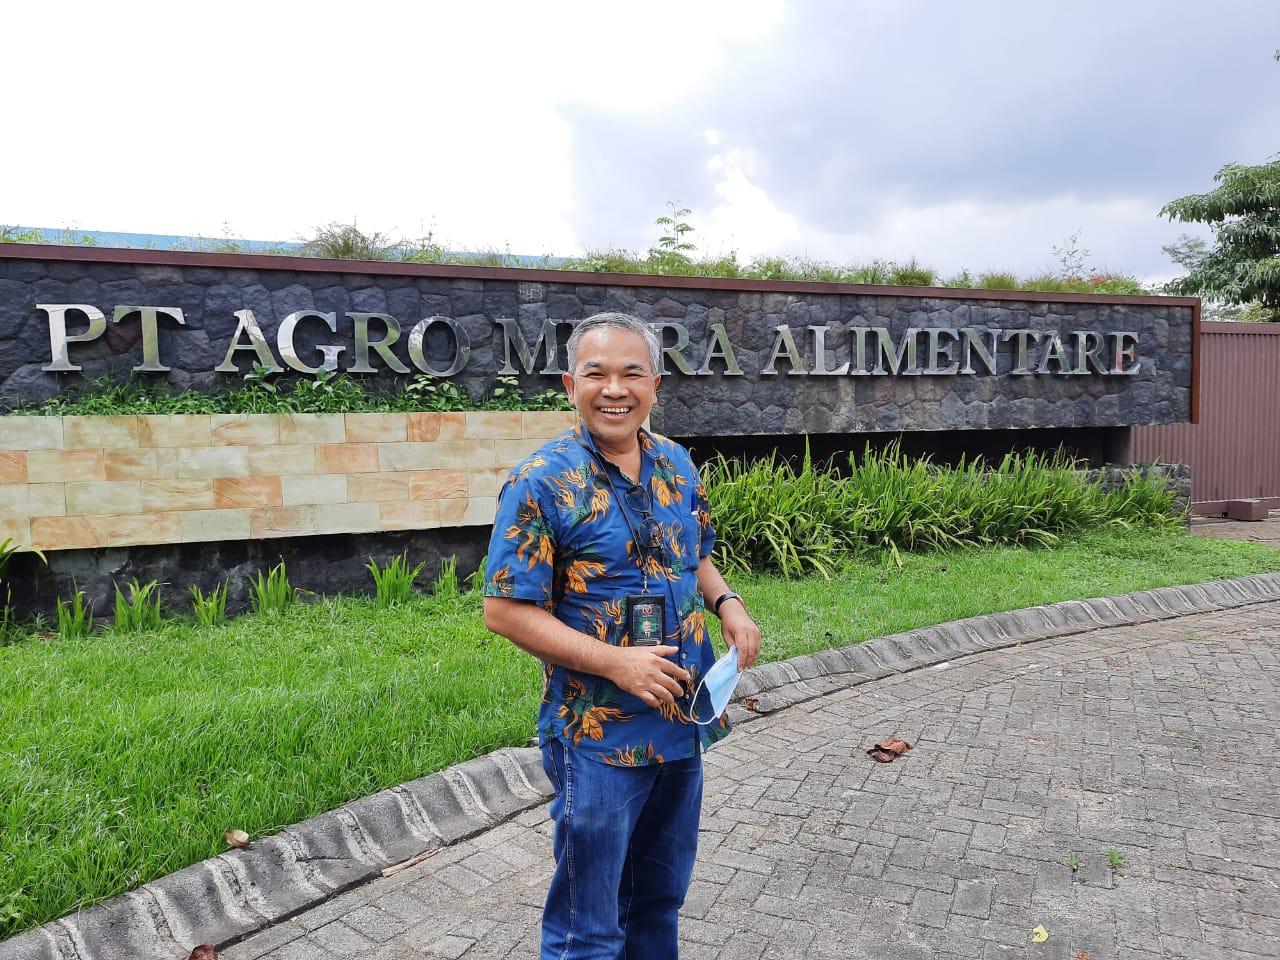 Pakar komunikasi dan motivator nasional Dr Aqua Dwipayana saat mengunjungi PT Agro Mitra Alimentare. (Foto: Dokumen)